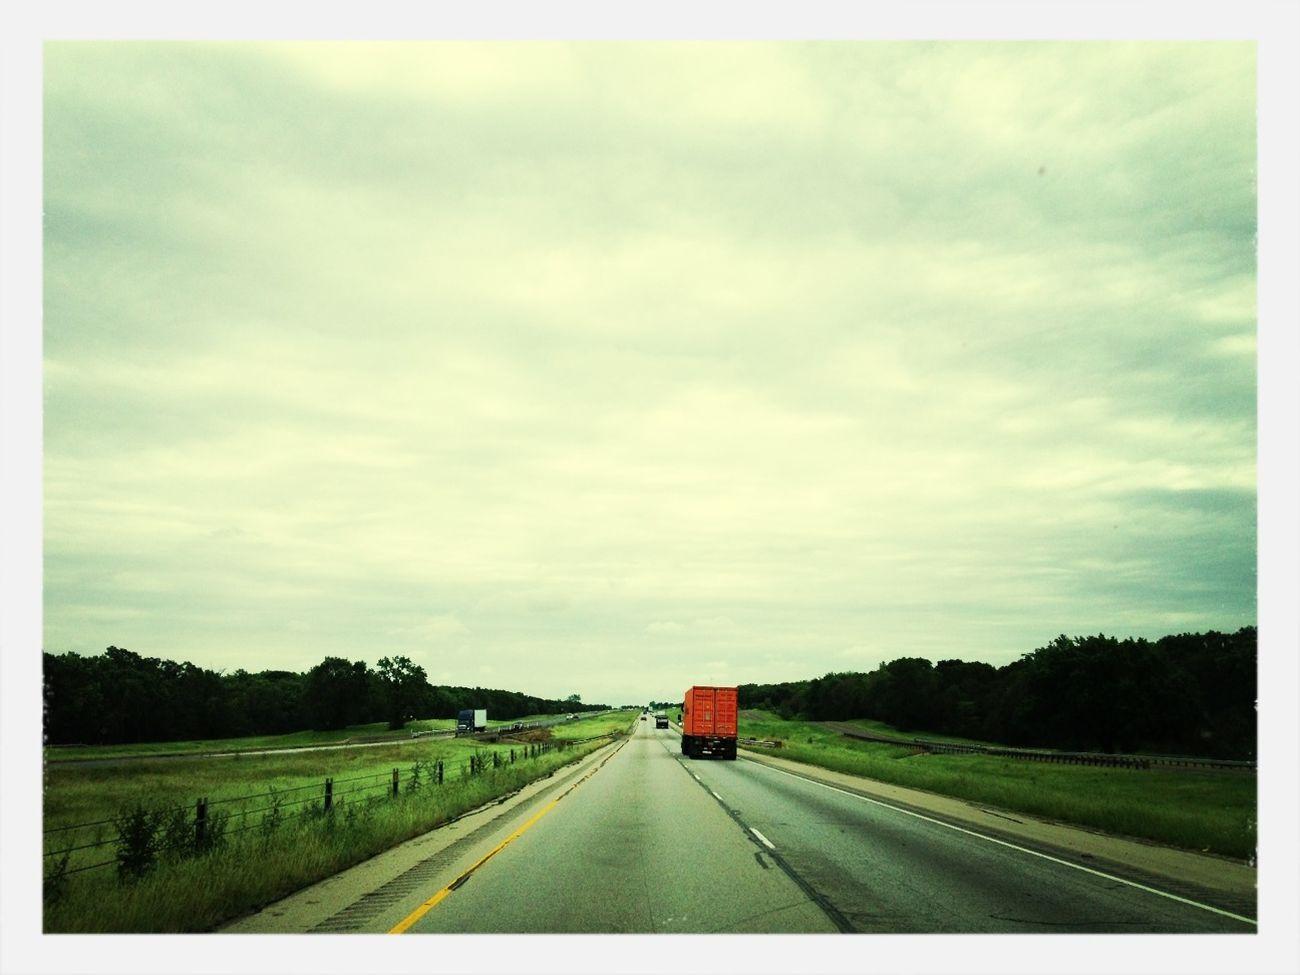 On Da Road